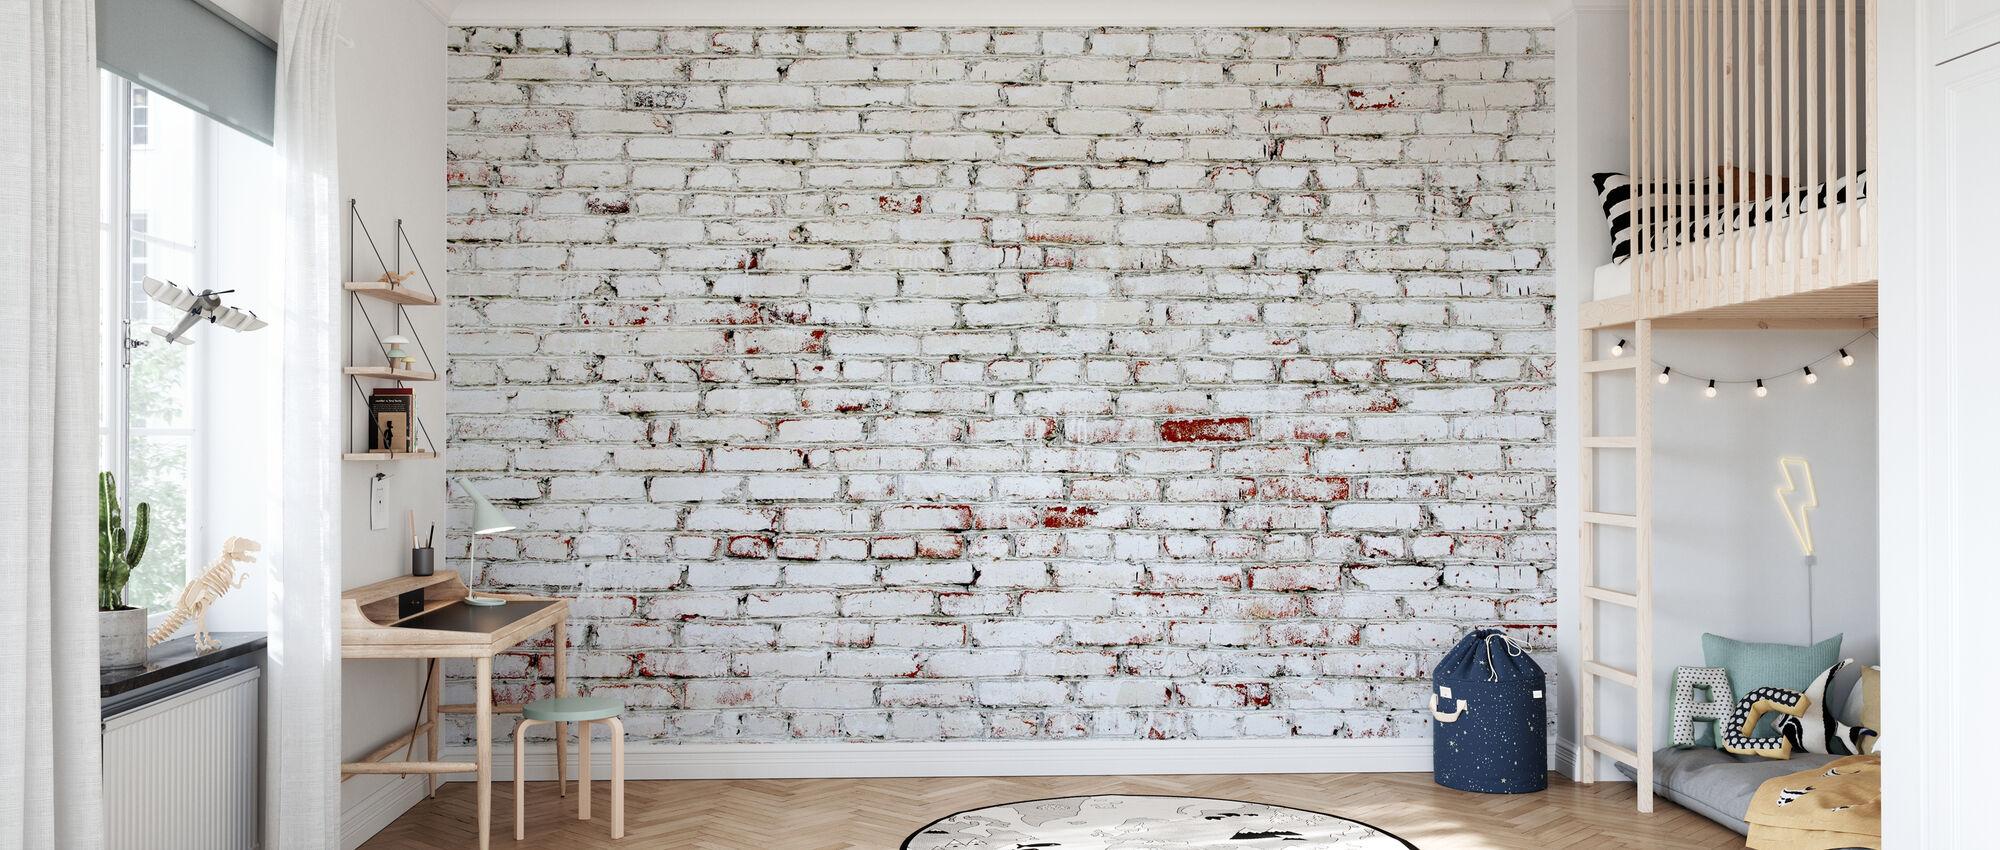 Stary mur z cegły białej i czerwonej cegły - Tapeta - Pokój dziecięcy